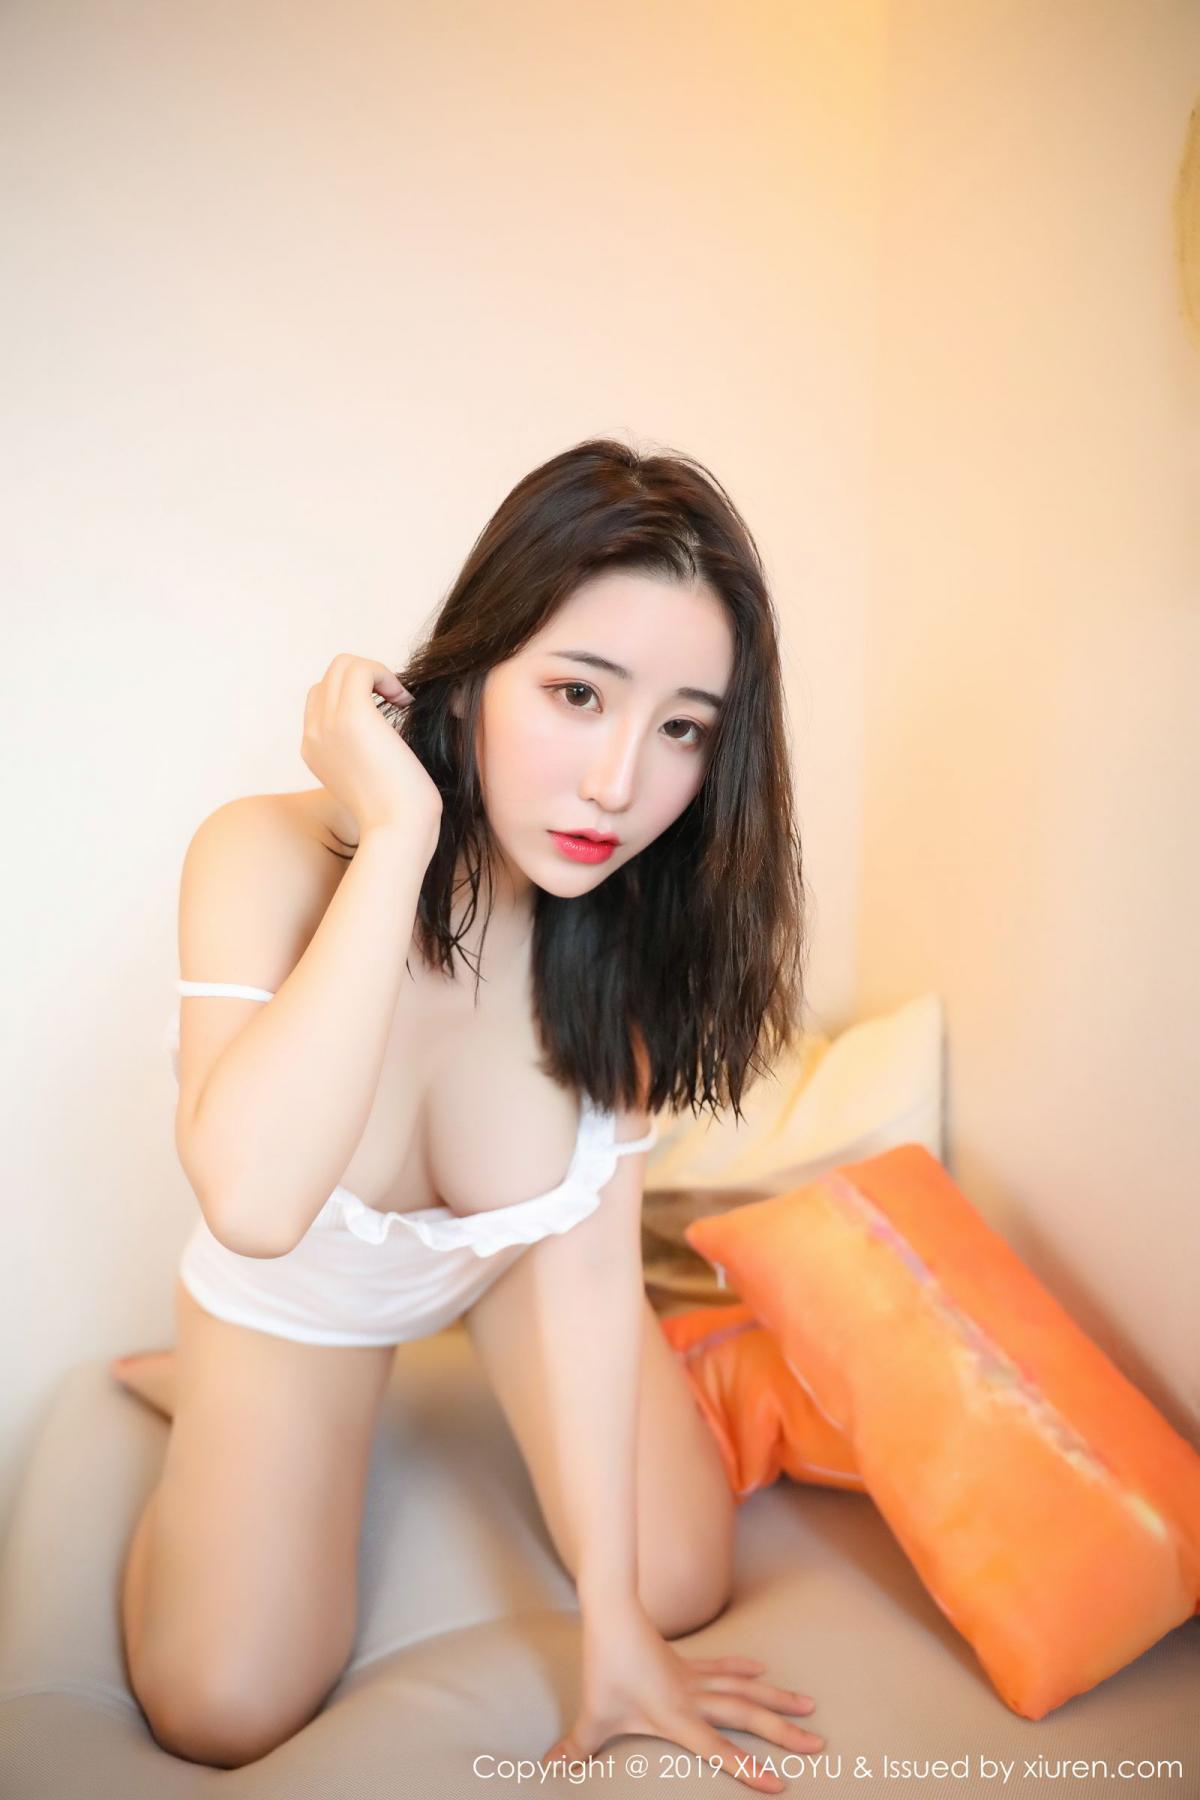 [XiaoYu] Vol.071 Xie Zhi Xin 10P, Bikini, XiaoYu, Xie Zhi Xin